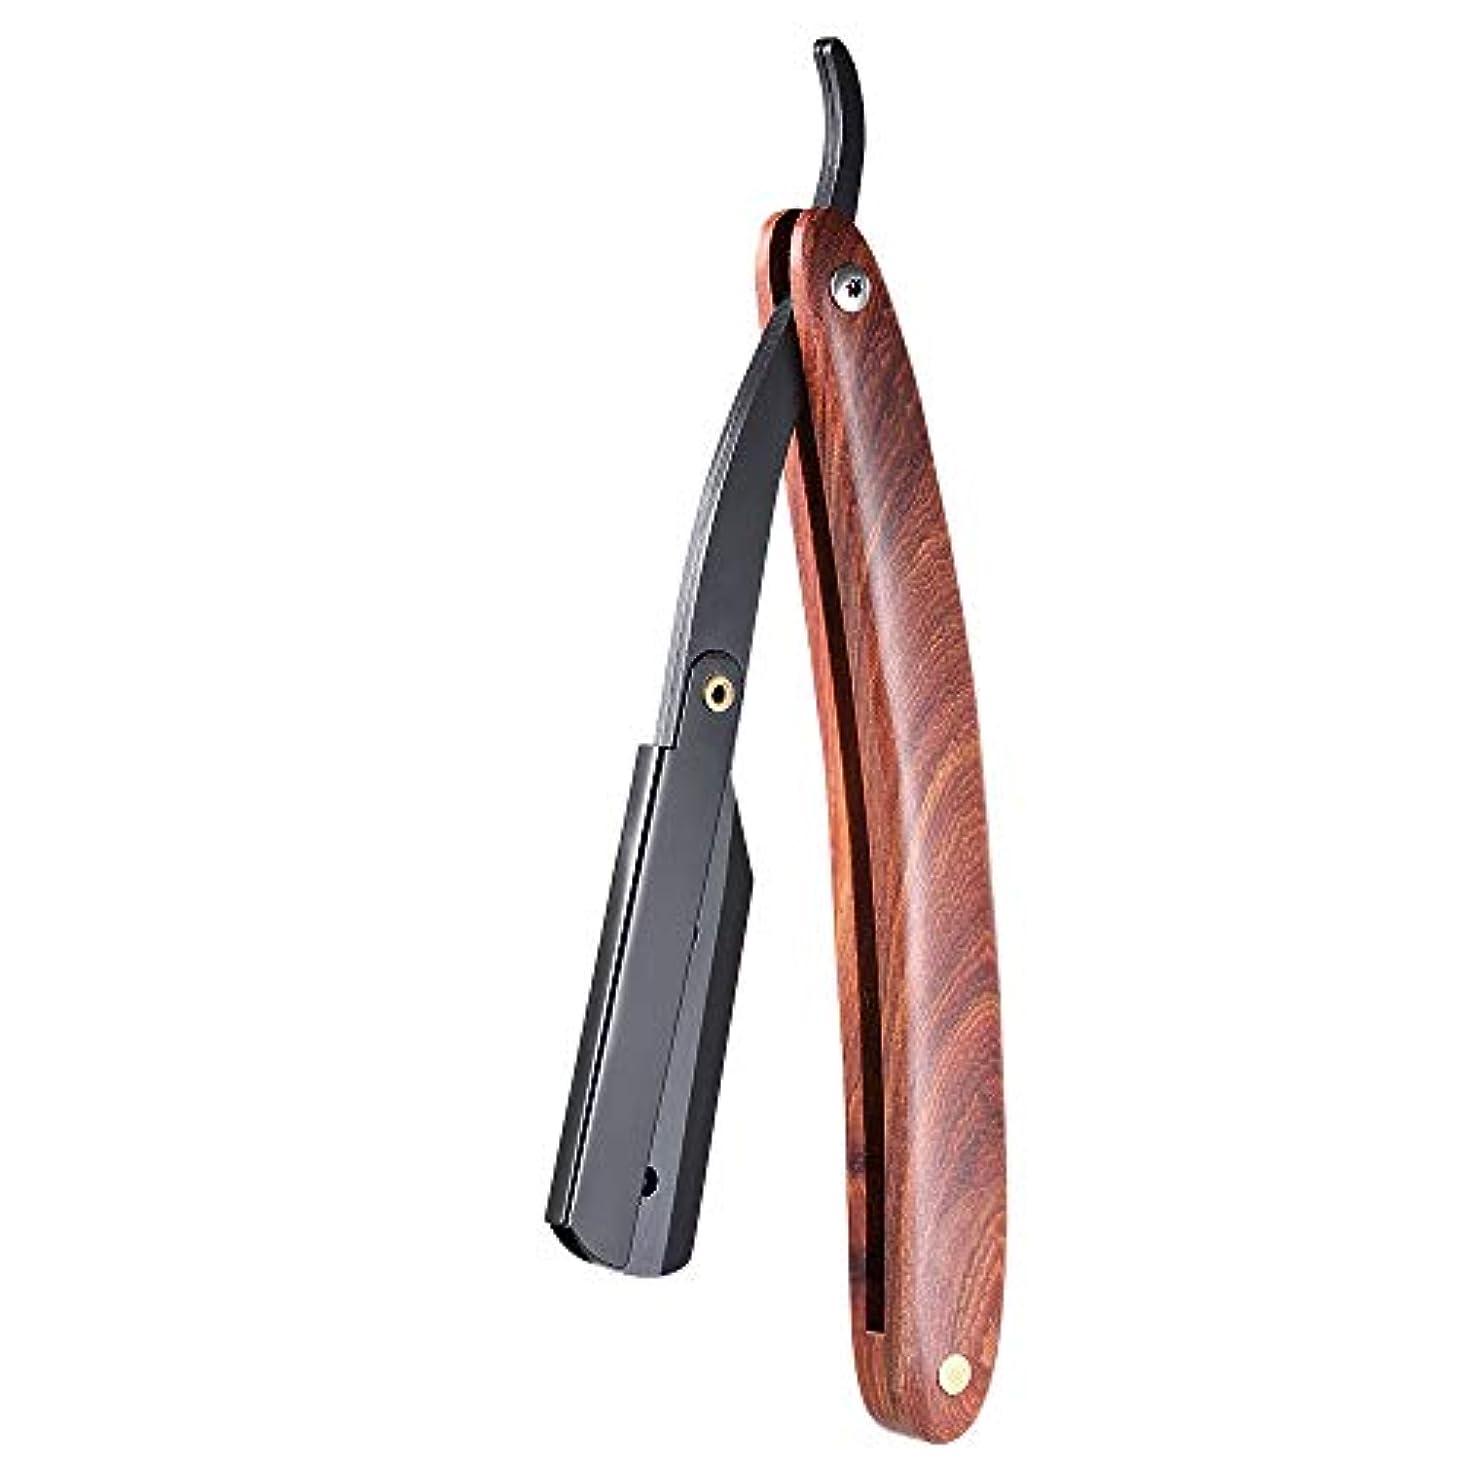 肉腫欲求不満誘惑Men Shaving Straight Edge Razor Stainless Steel Manual Razor Wooden Handle Folding Shaving Knife Shave Beard Cutter...